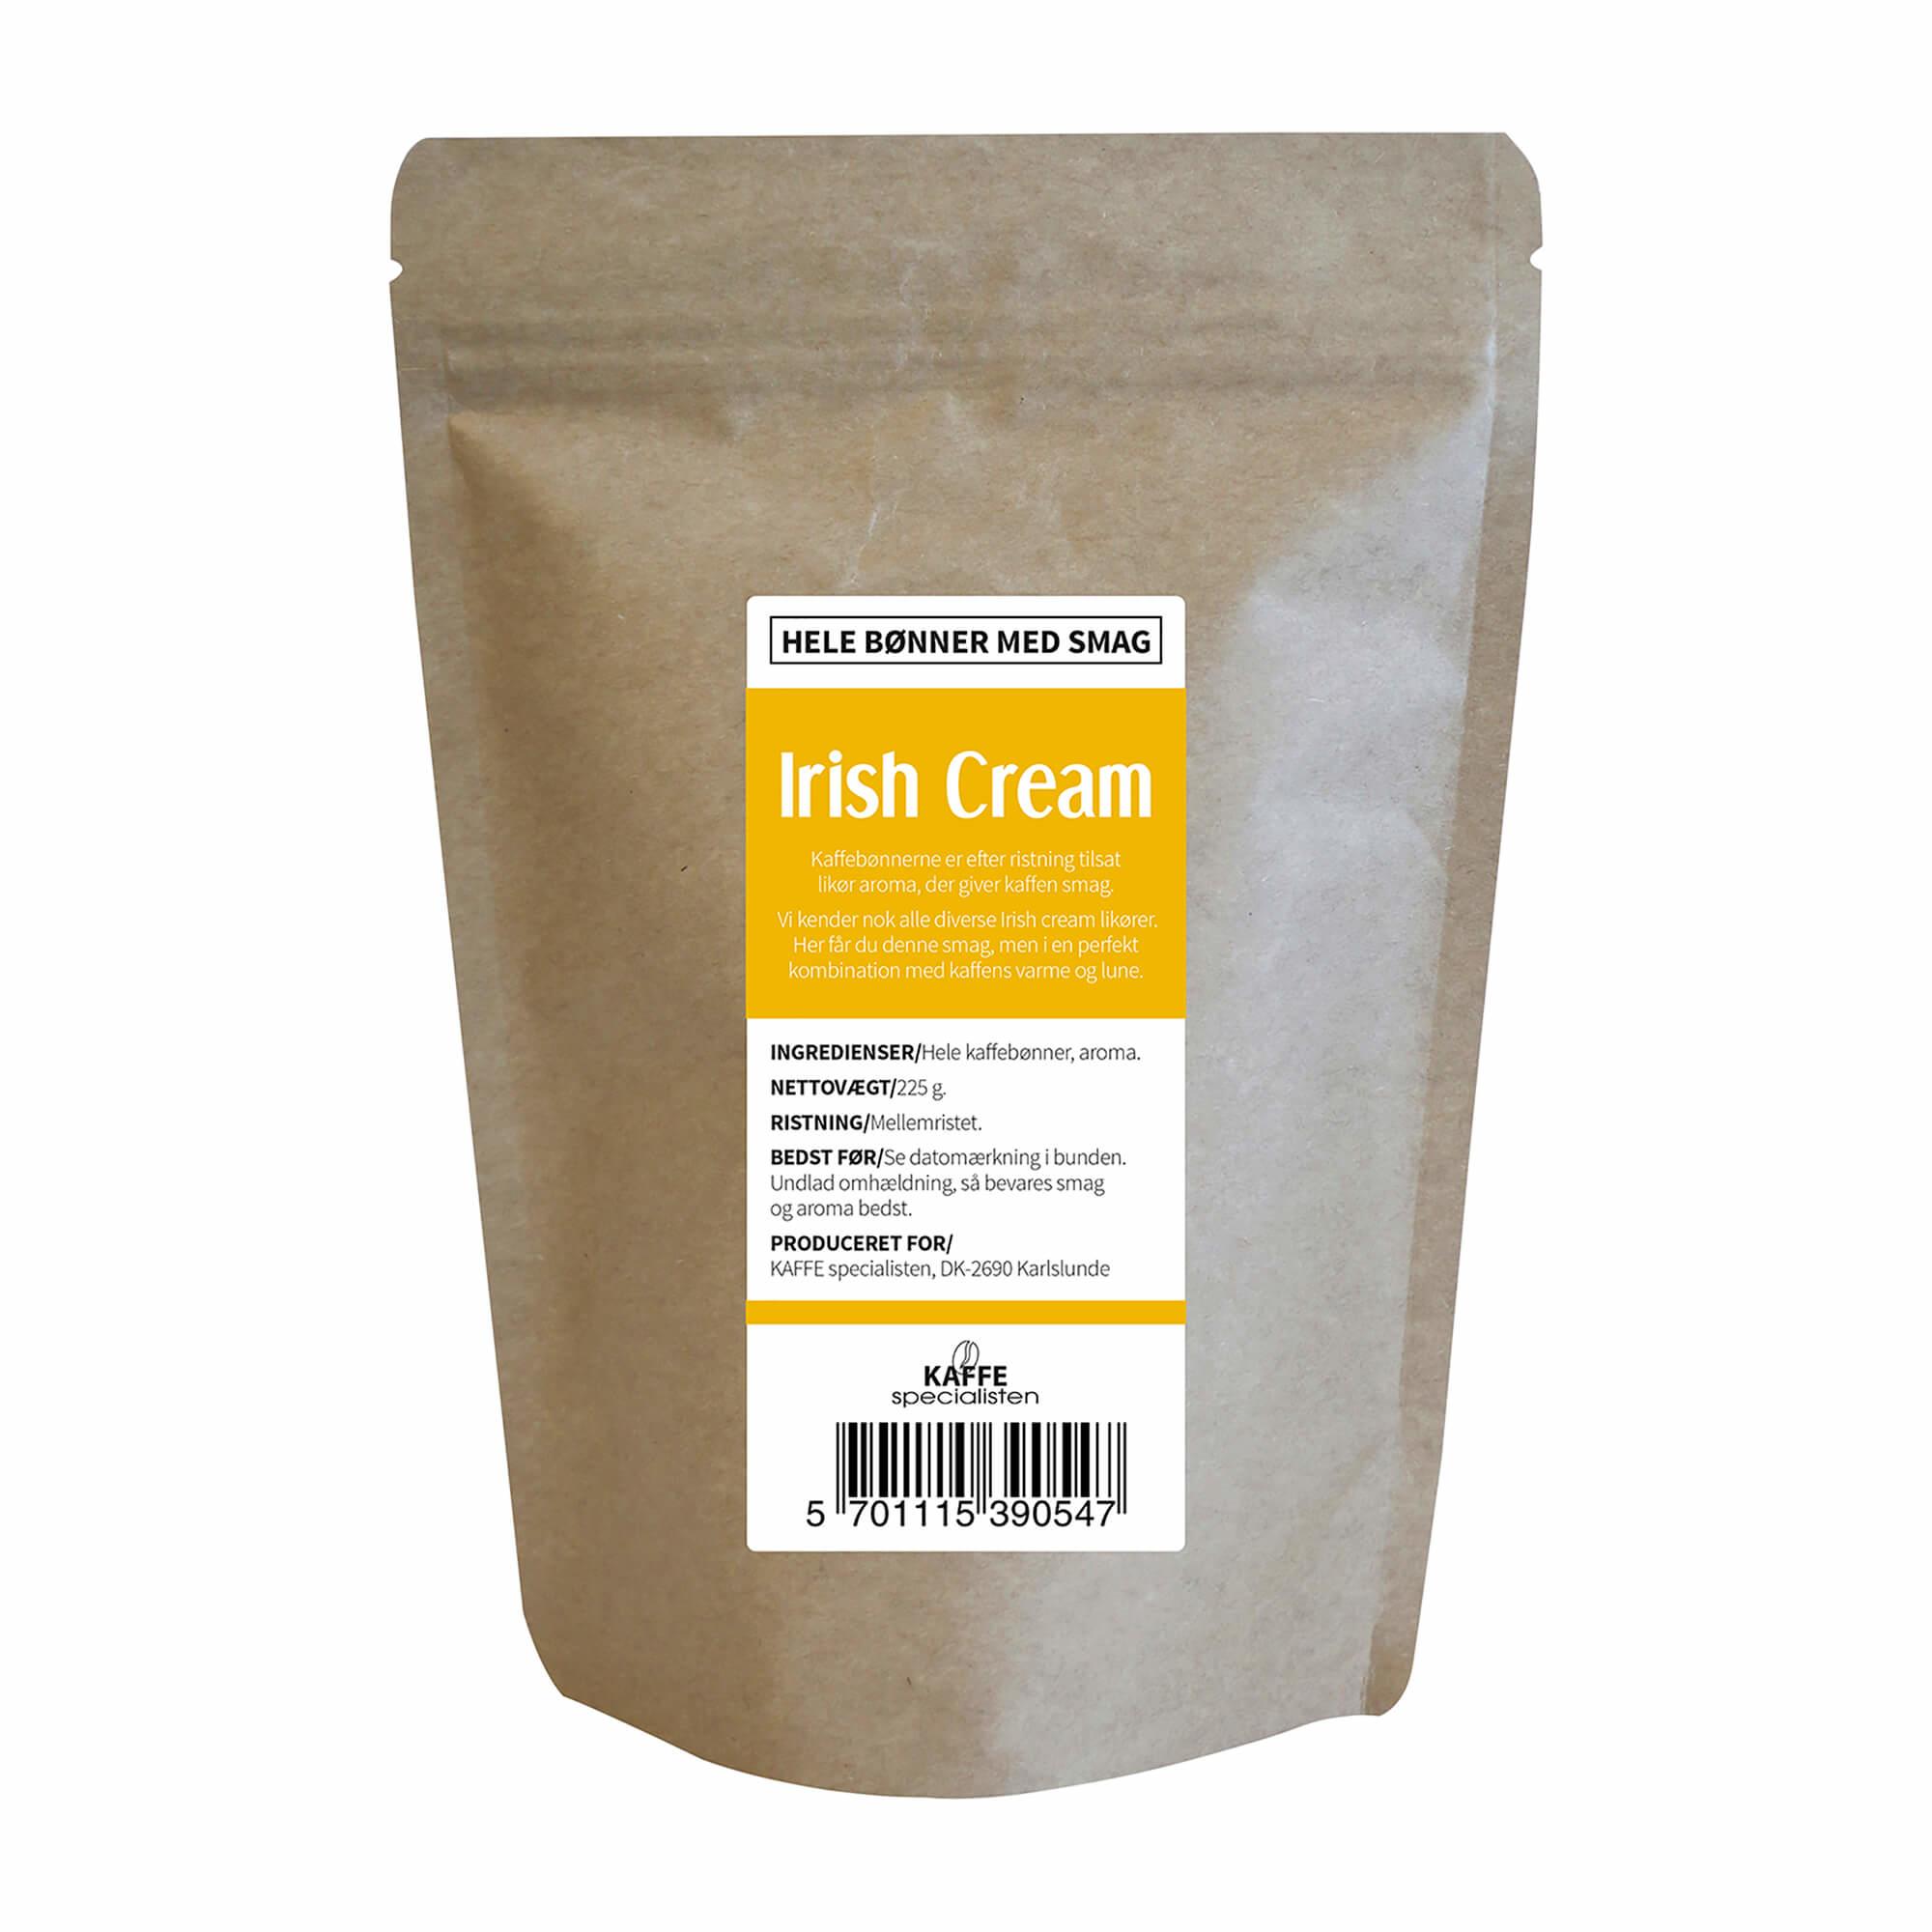 KAFFE Specialisten Kaffebønner Irish Cream Smag